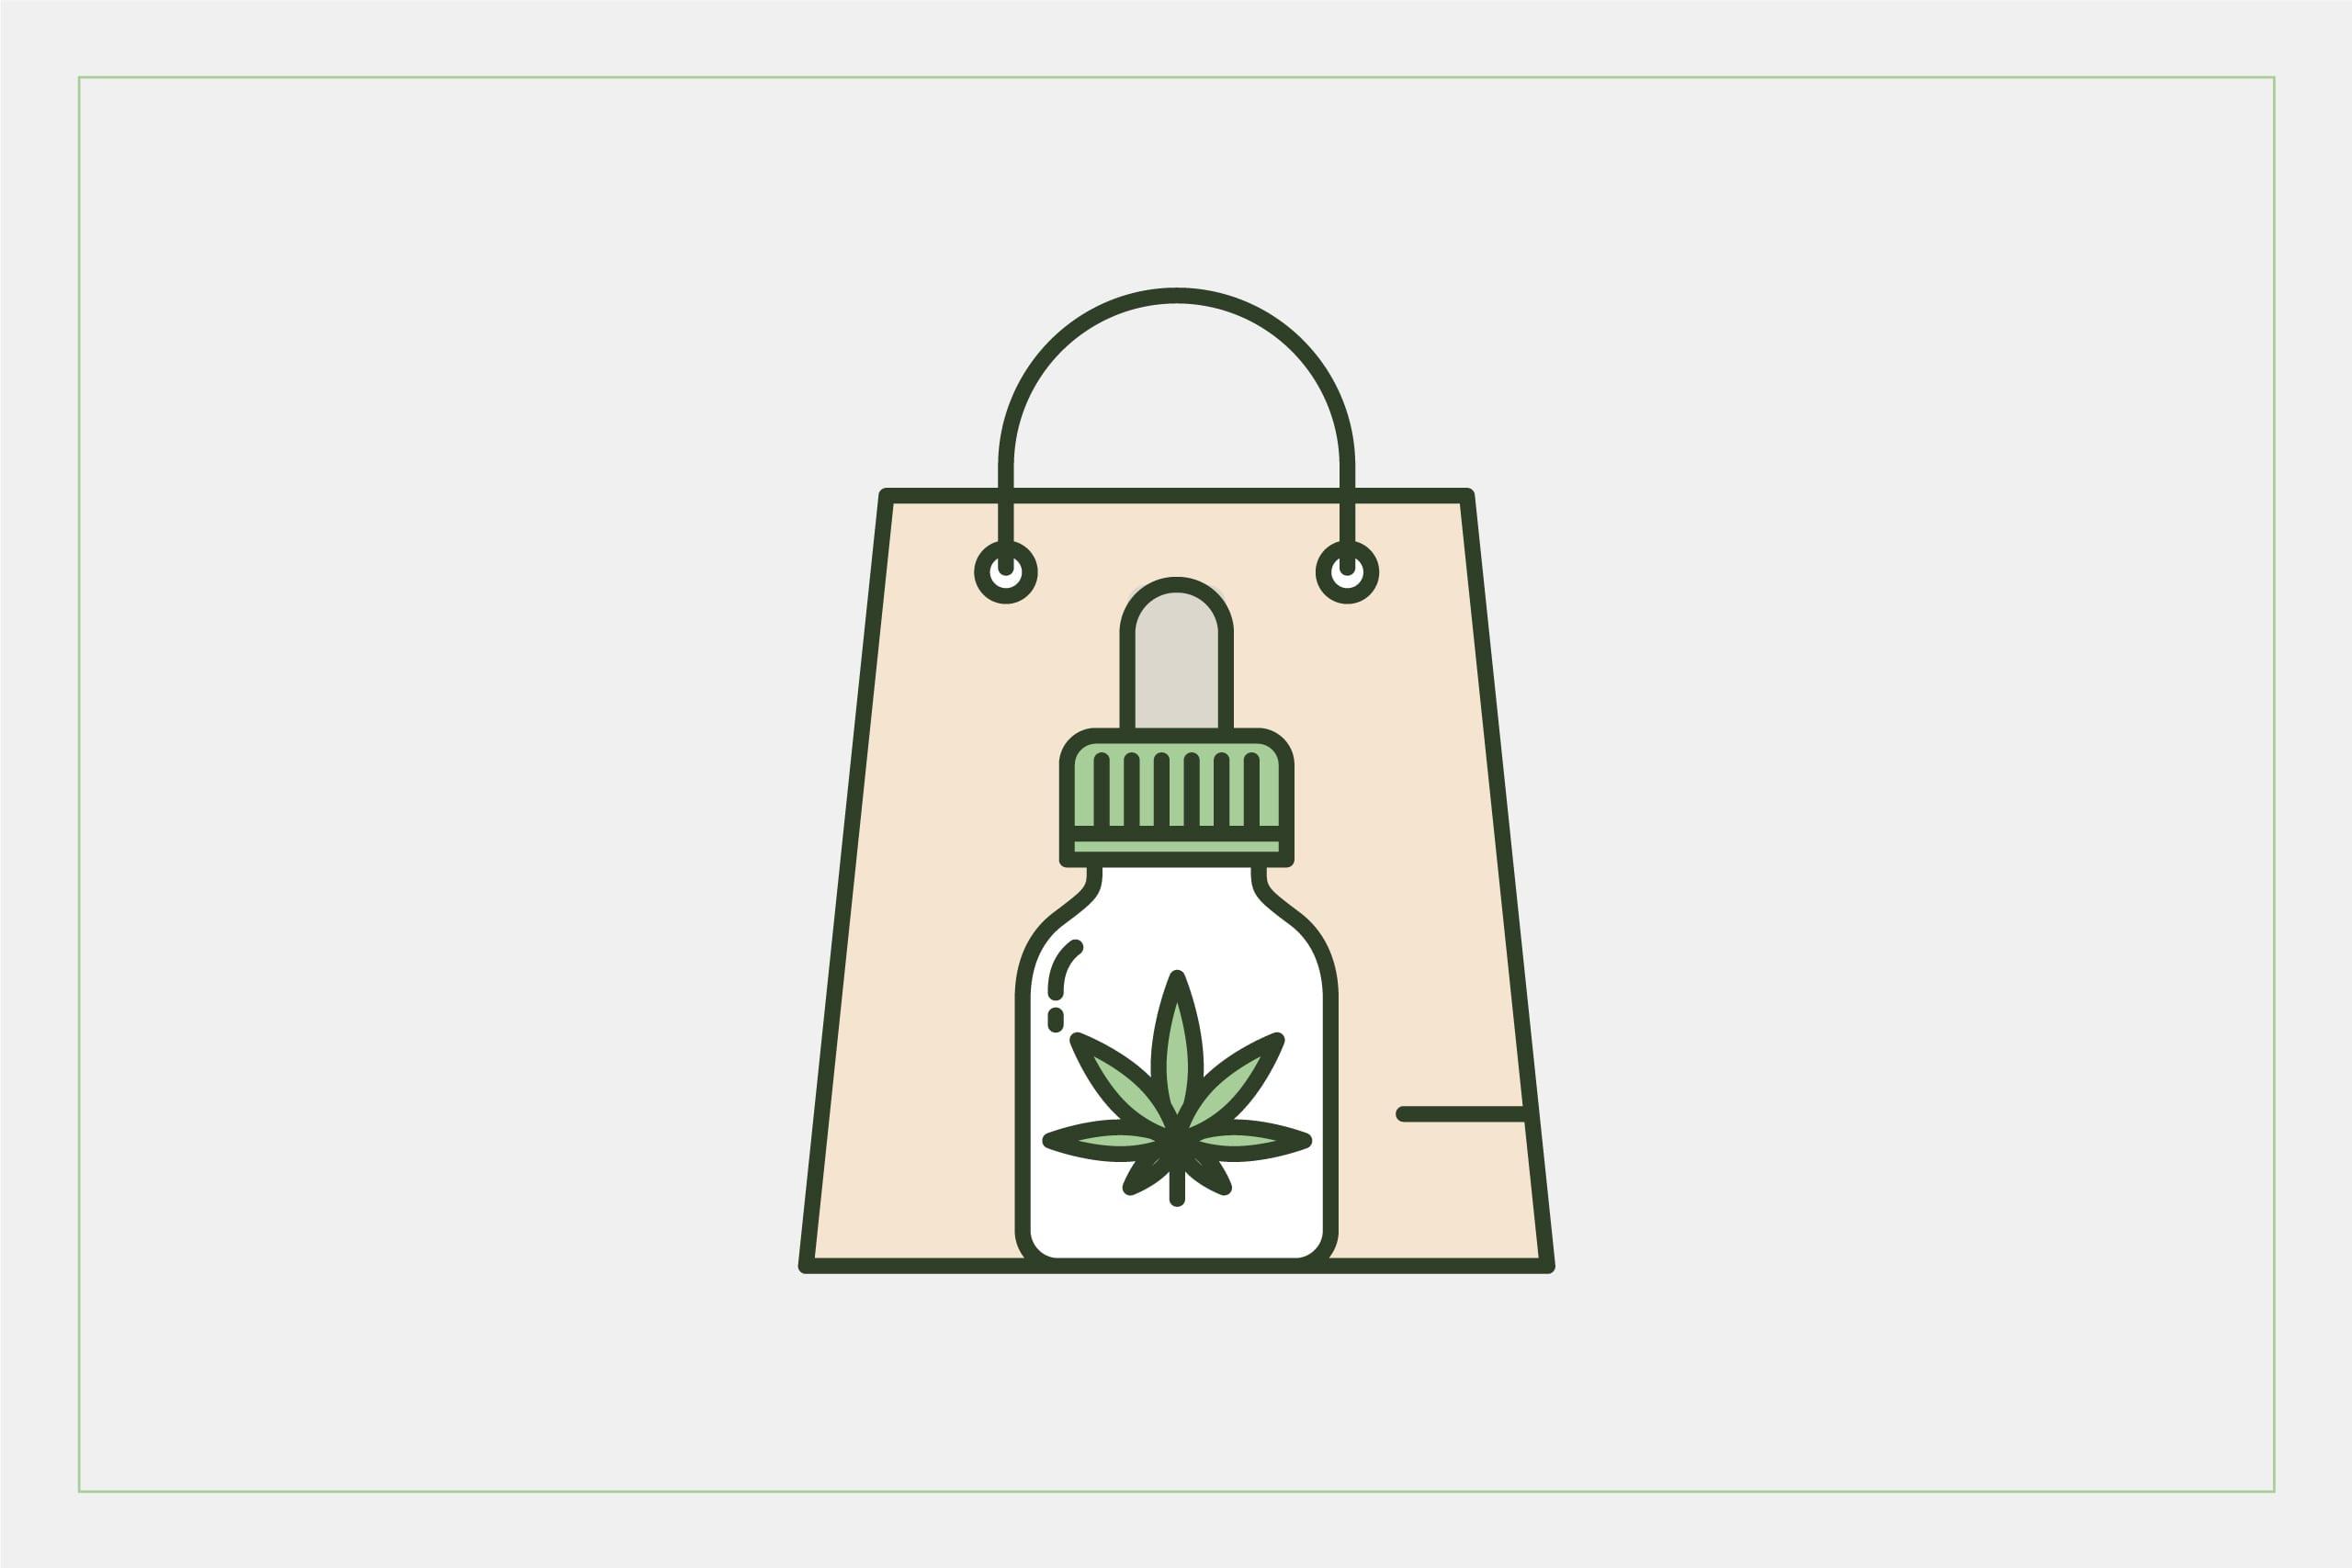 buy hemp oil